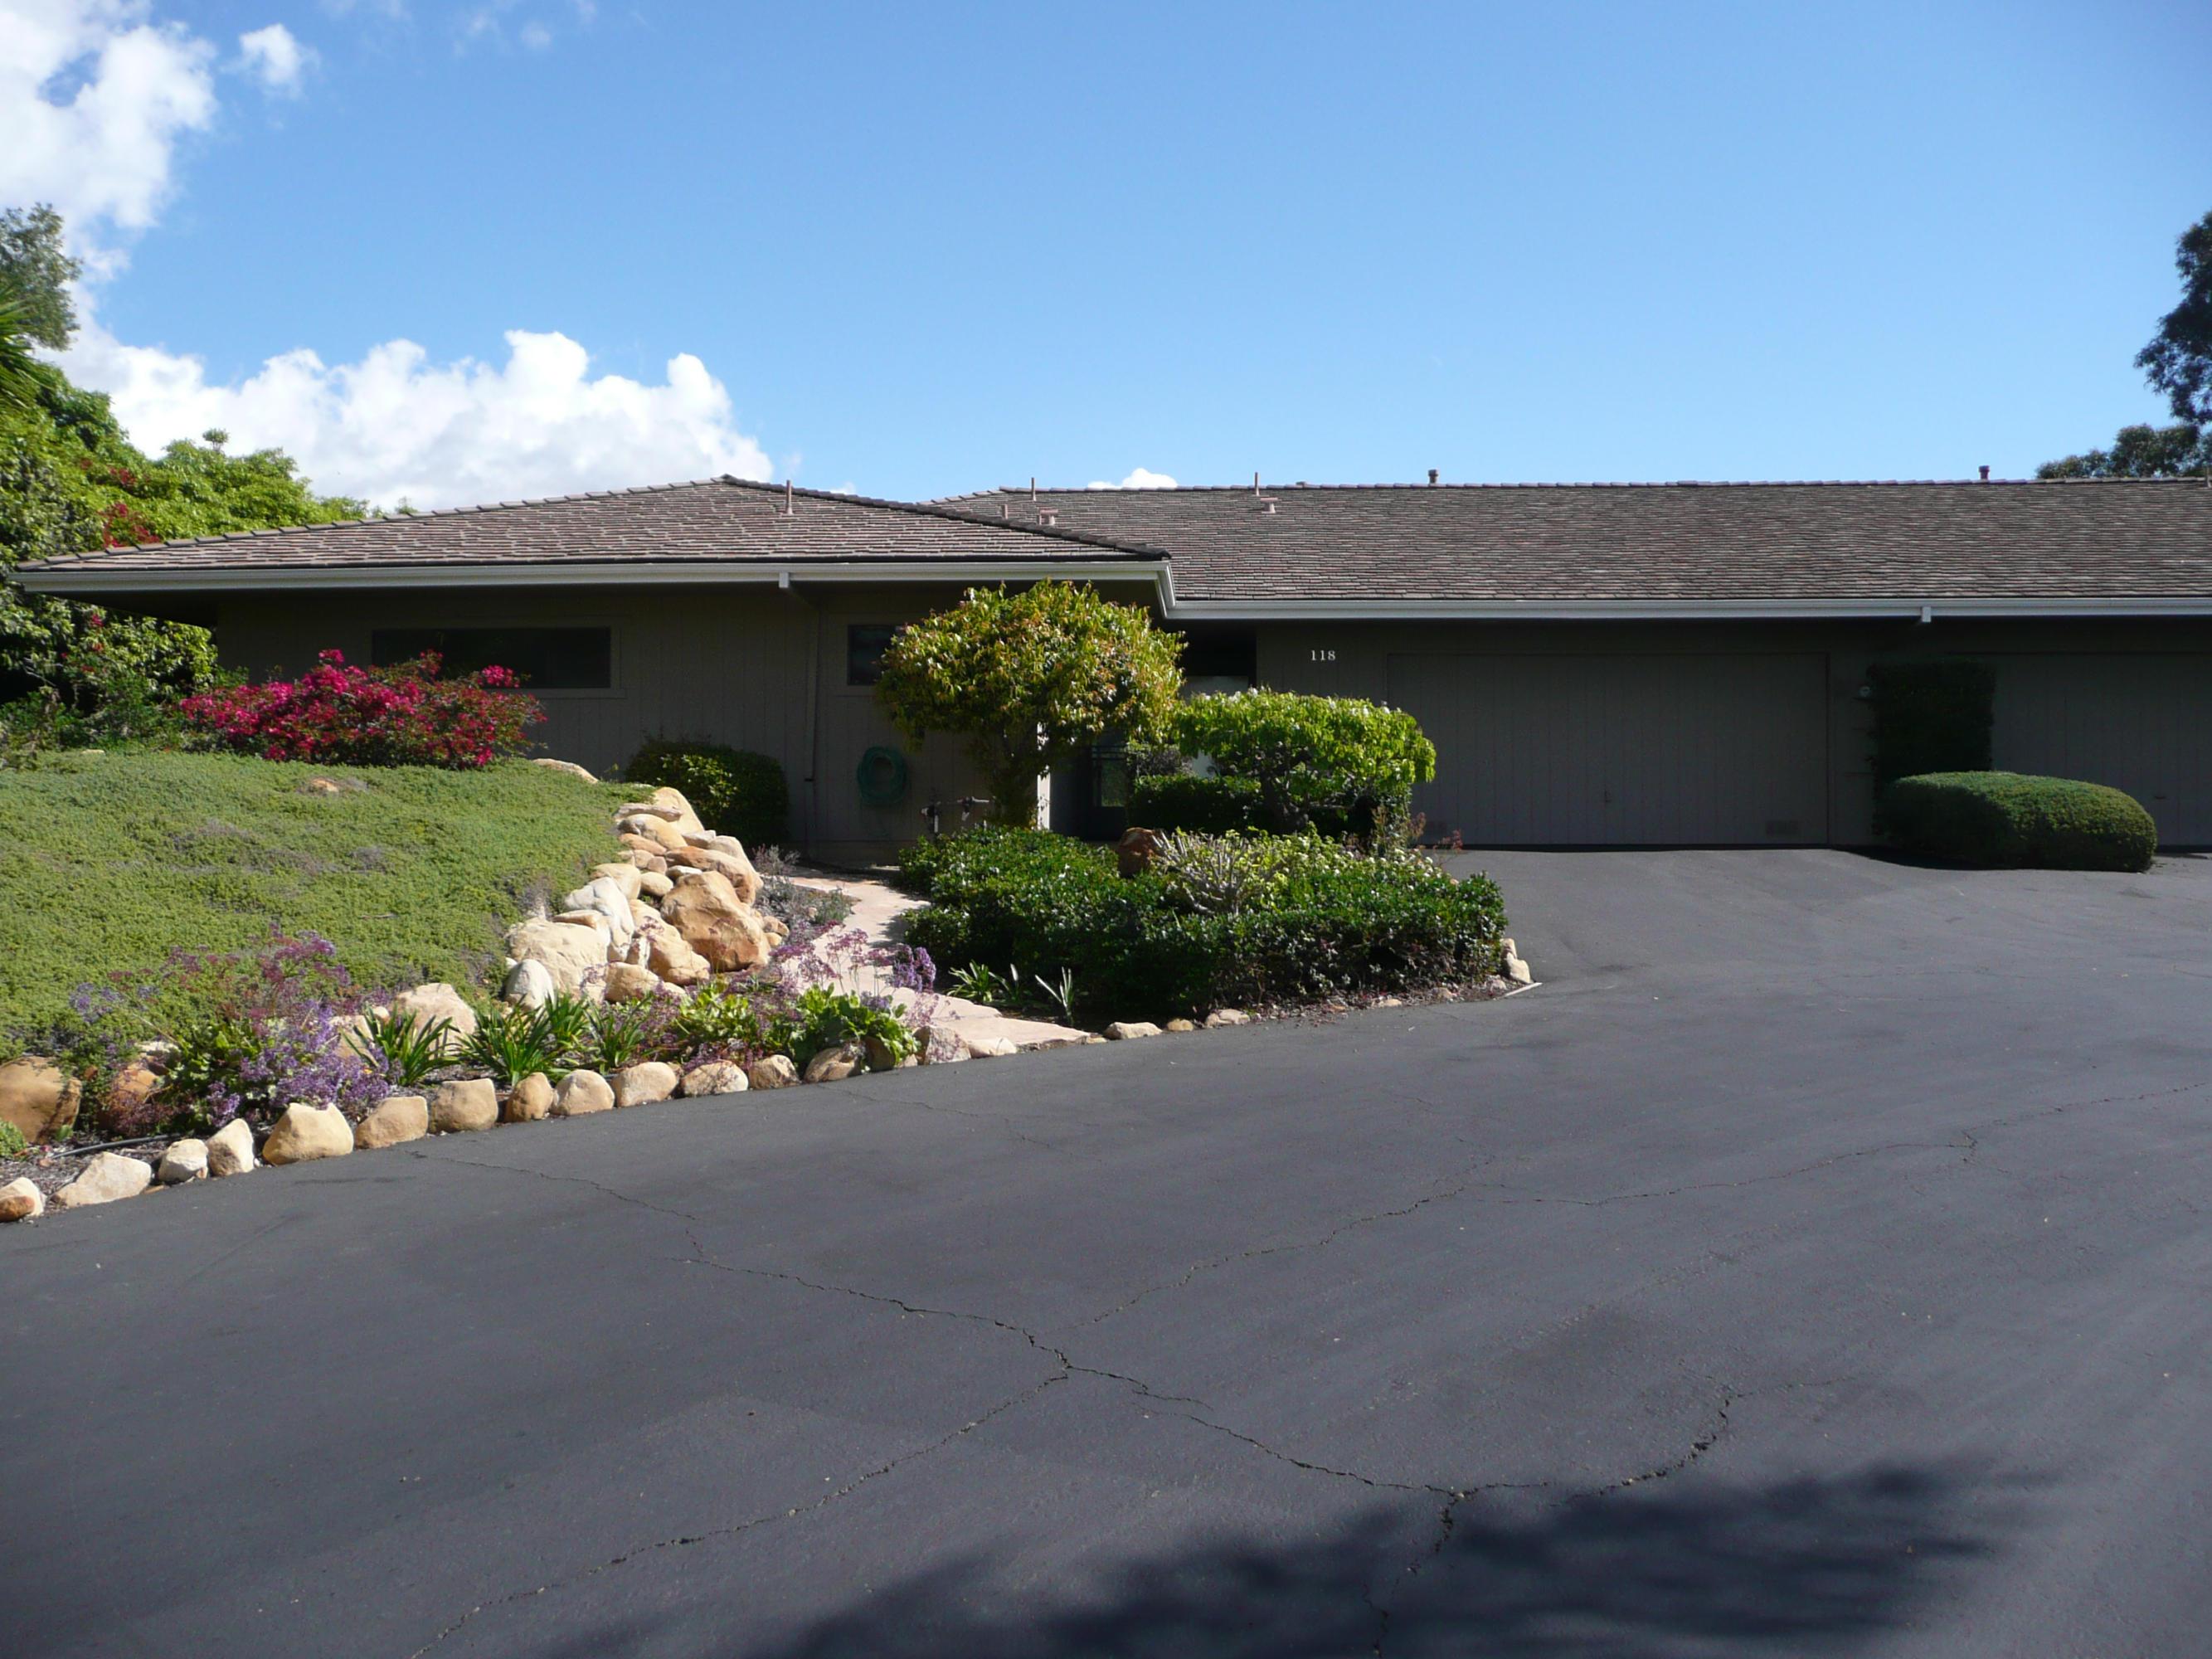 Property photo for 118 Eucalyptus Hill Cir Santa Barbara, California 93103 - 15-570